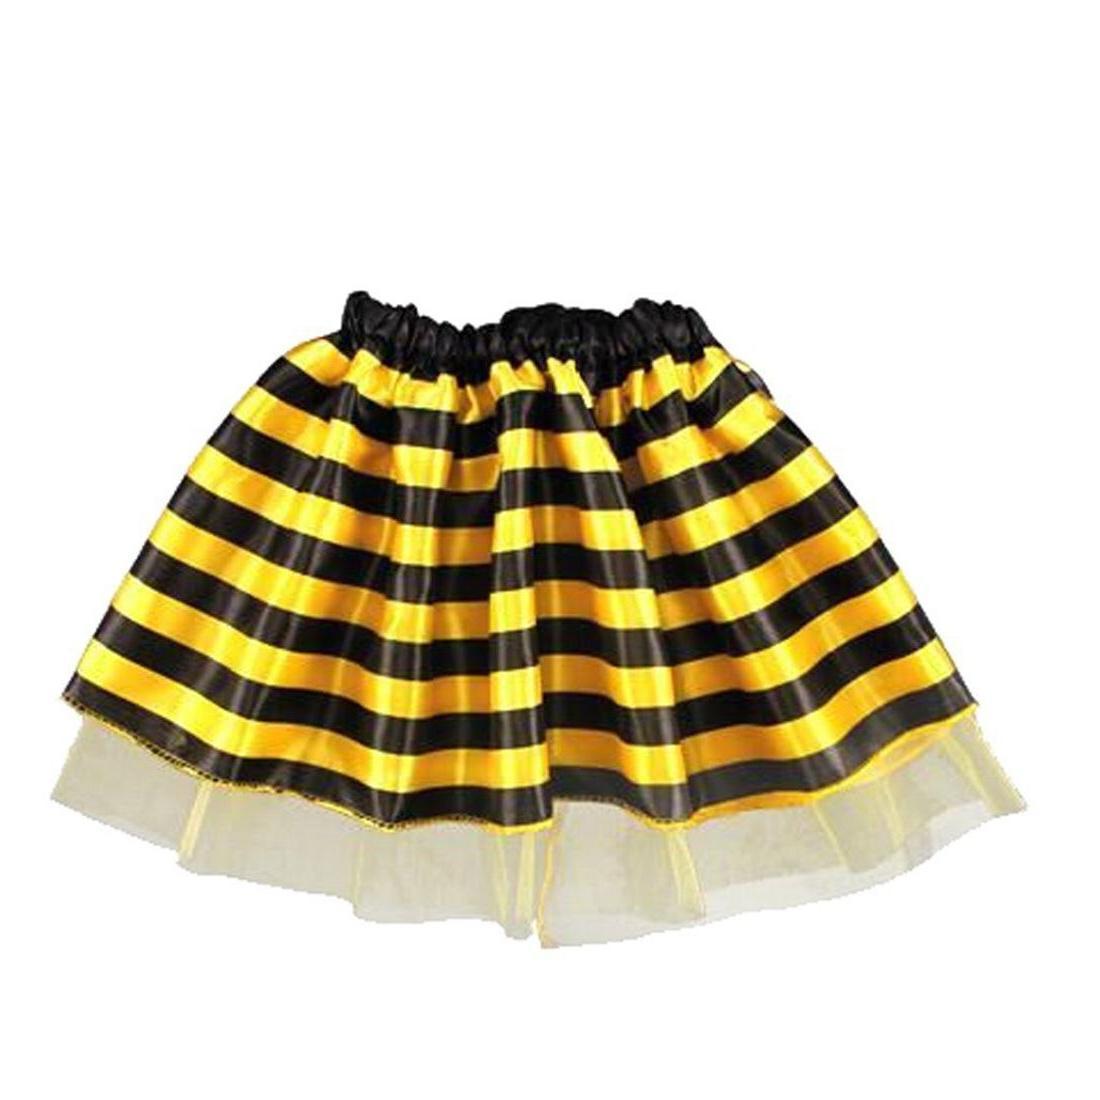 4Pc Honey Girls <font><b>Kids</b></font> Halloween Fancy <font><b>Dress</b></font> Party <font><b>Costume</b></font>